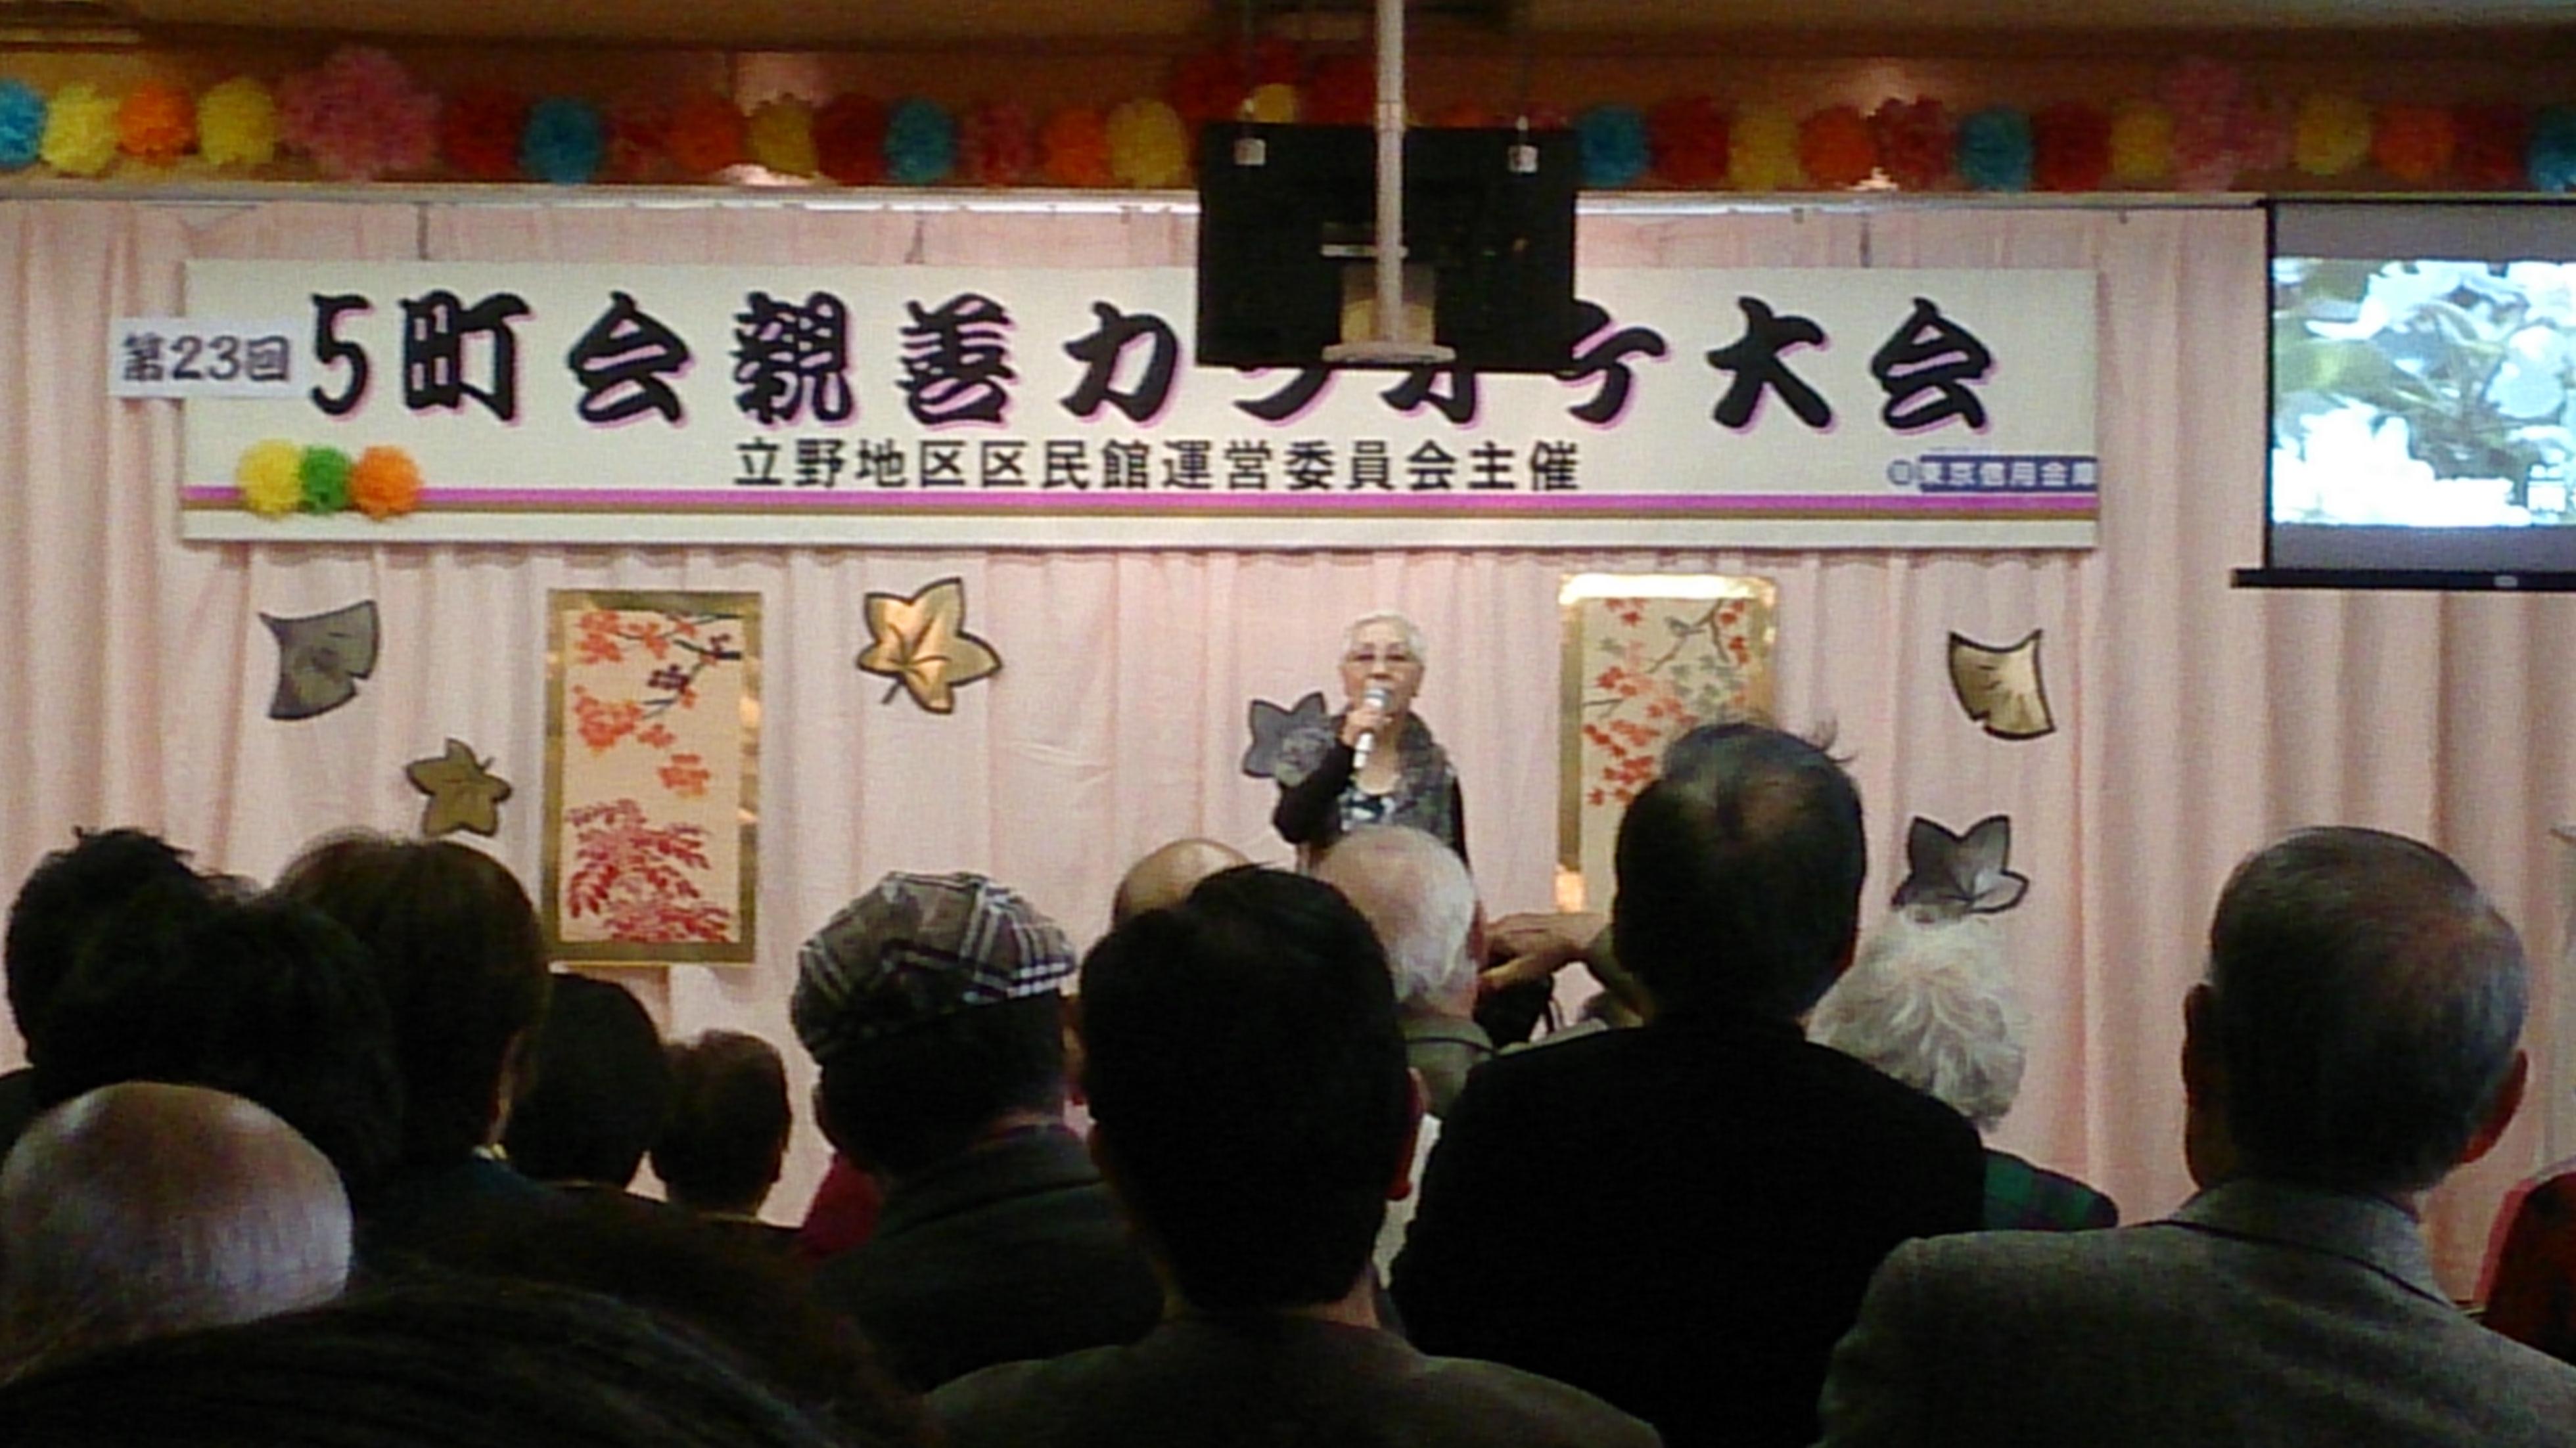 五町会親善カラオケ大会